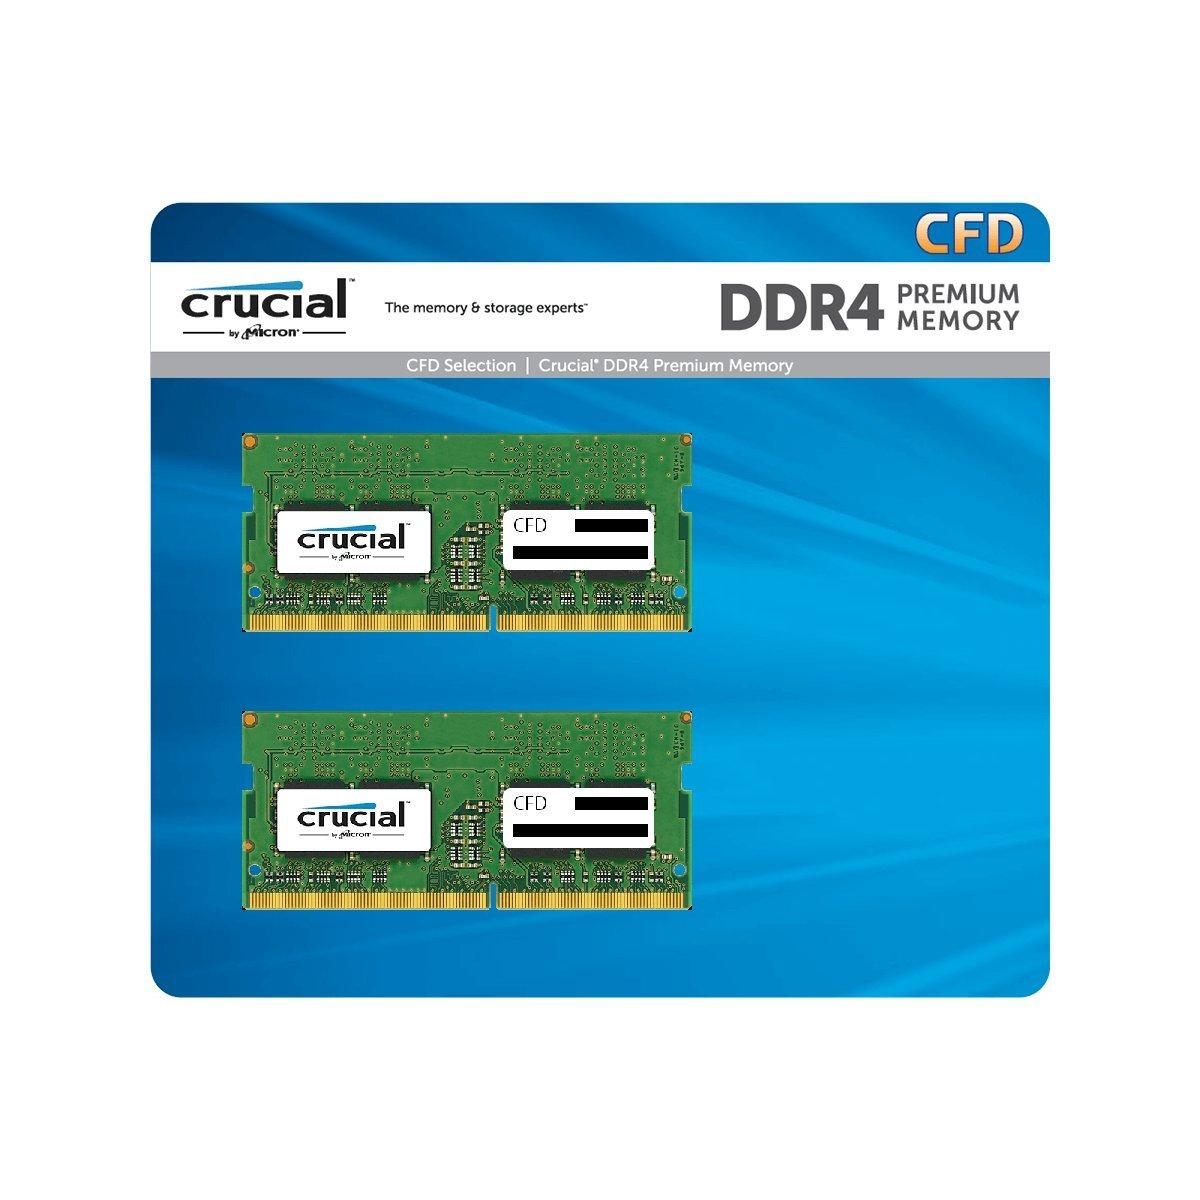 CFD販売 ノートPC用メモリ PC4-19200(DDR4-2400) 4GB×2枚 260pin / 無期限保証 / Crucial by Micron / W4N2400CM-4G B01L6OC9LQ 4GBx2  4GBx2